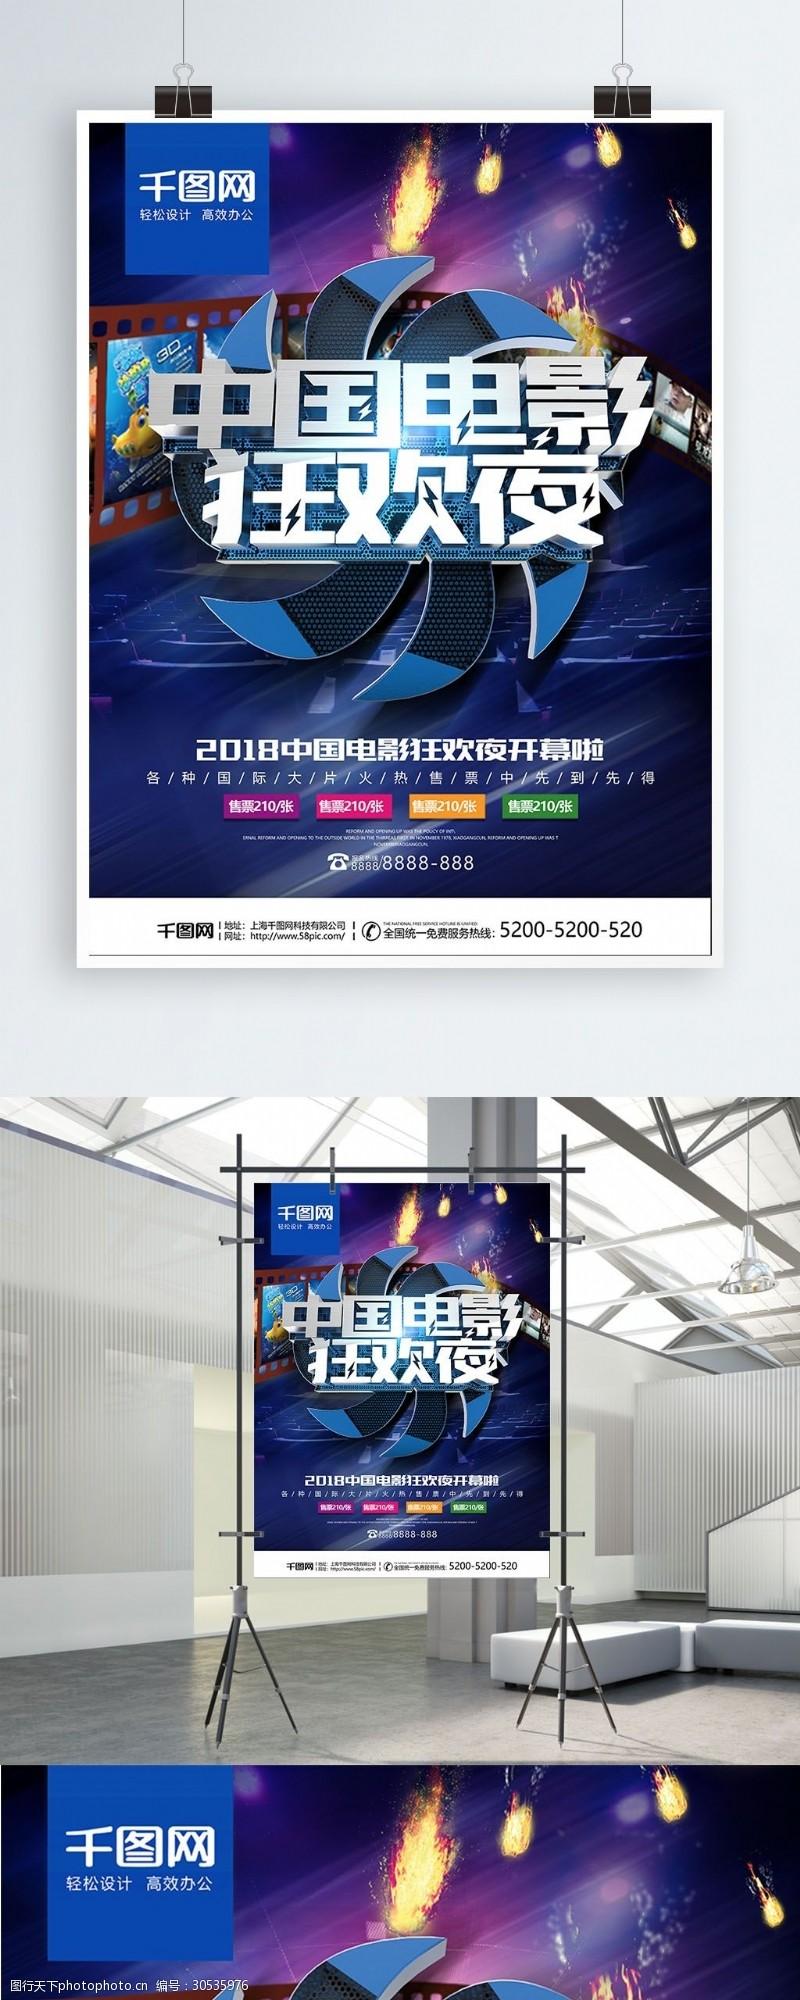 电影元素中国电影狂欢夜海报